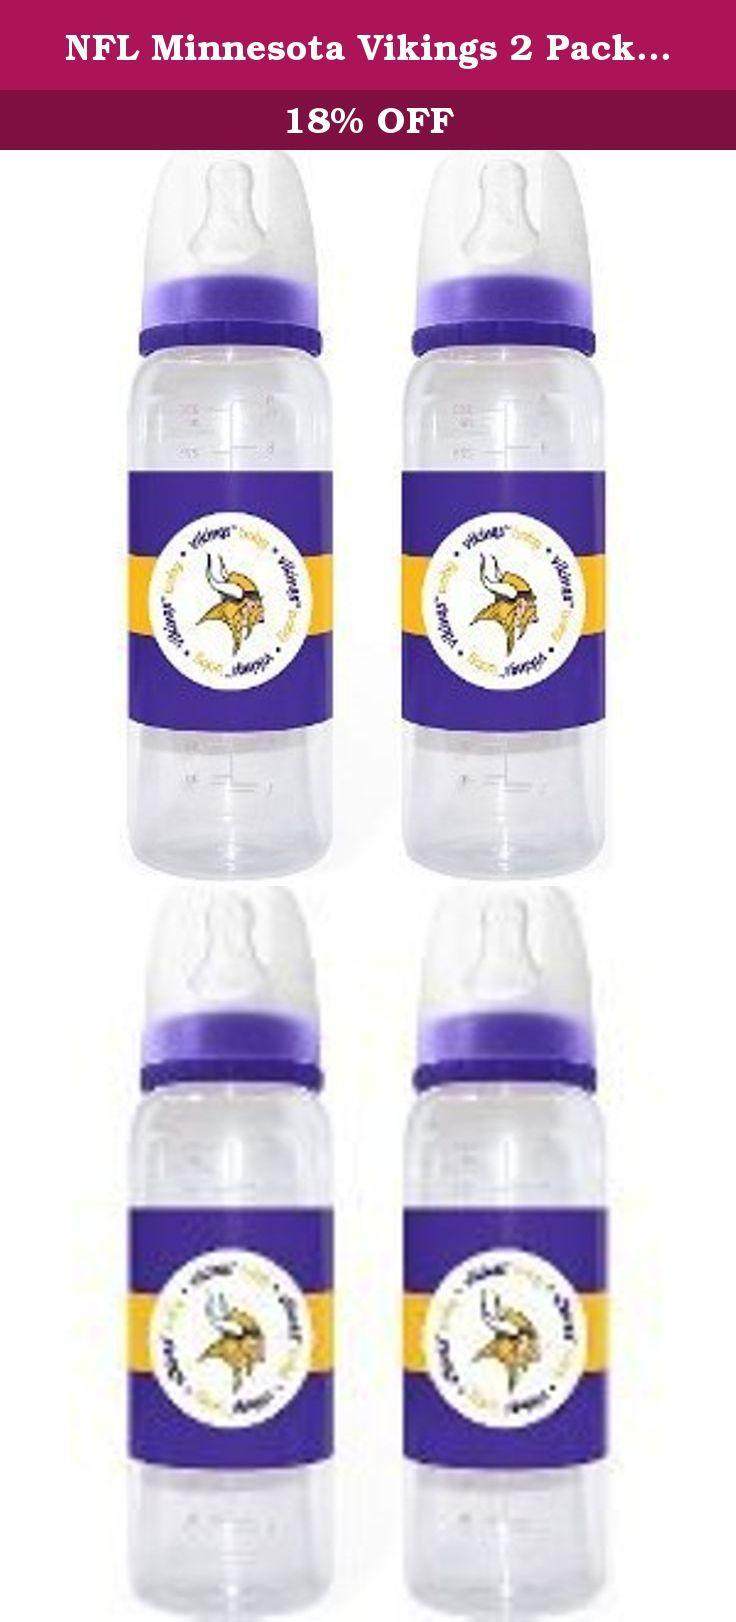 NFL Minnesota Vikings 2 Pack Bottles. NFL Baby Fanatic 2 Pack Bottles.